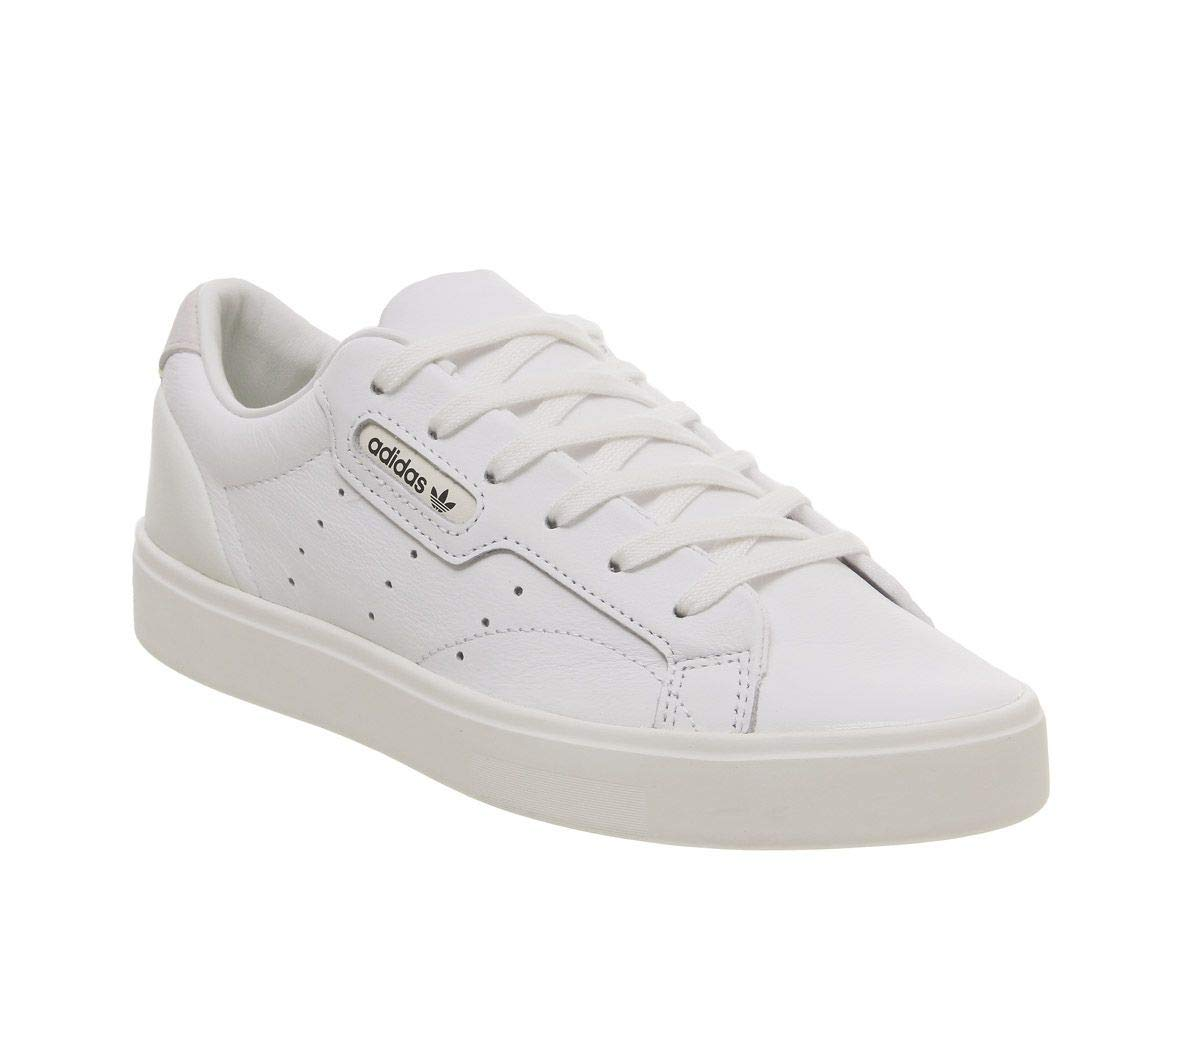 adidas Scarpa Donna Sleek W Originals White ss19